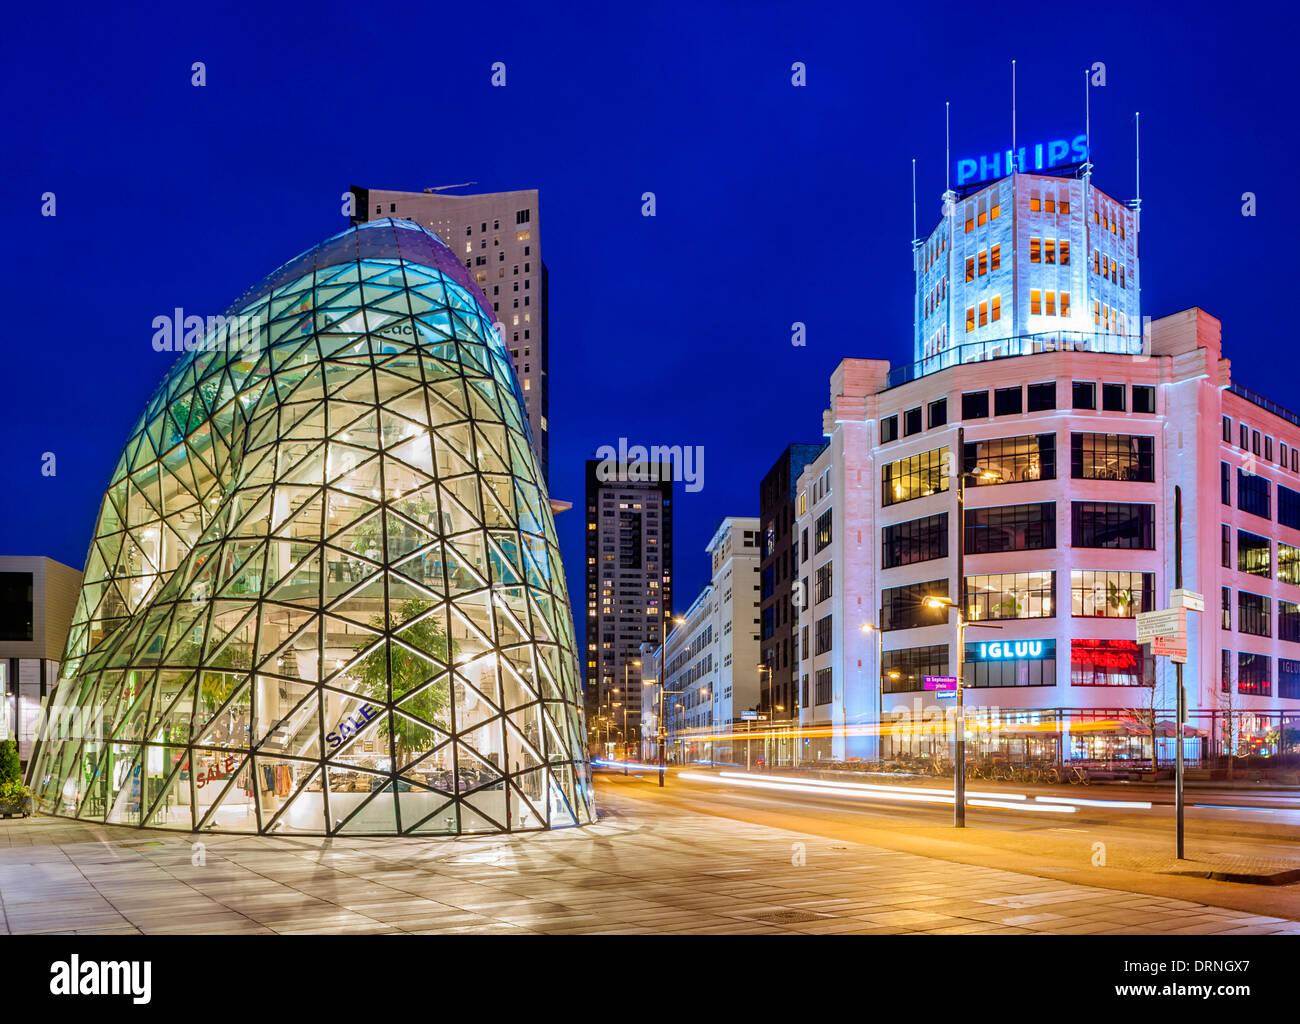 Eindhoven, Holanda, Europa - el Blob edificio de arquitectura moderna en el centro de la ciudad utiliza como la entrada al centro comercial Admirant Imagen De Stock